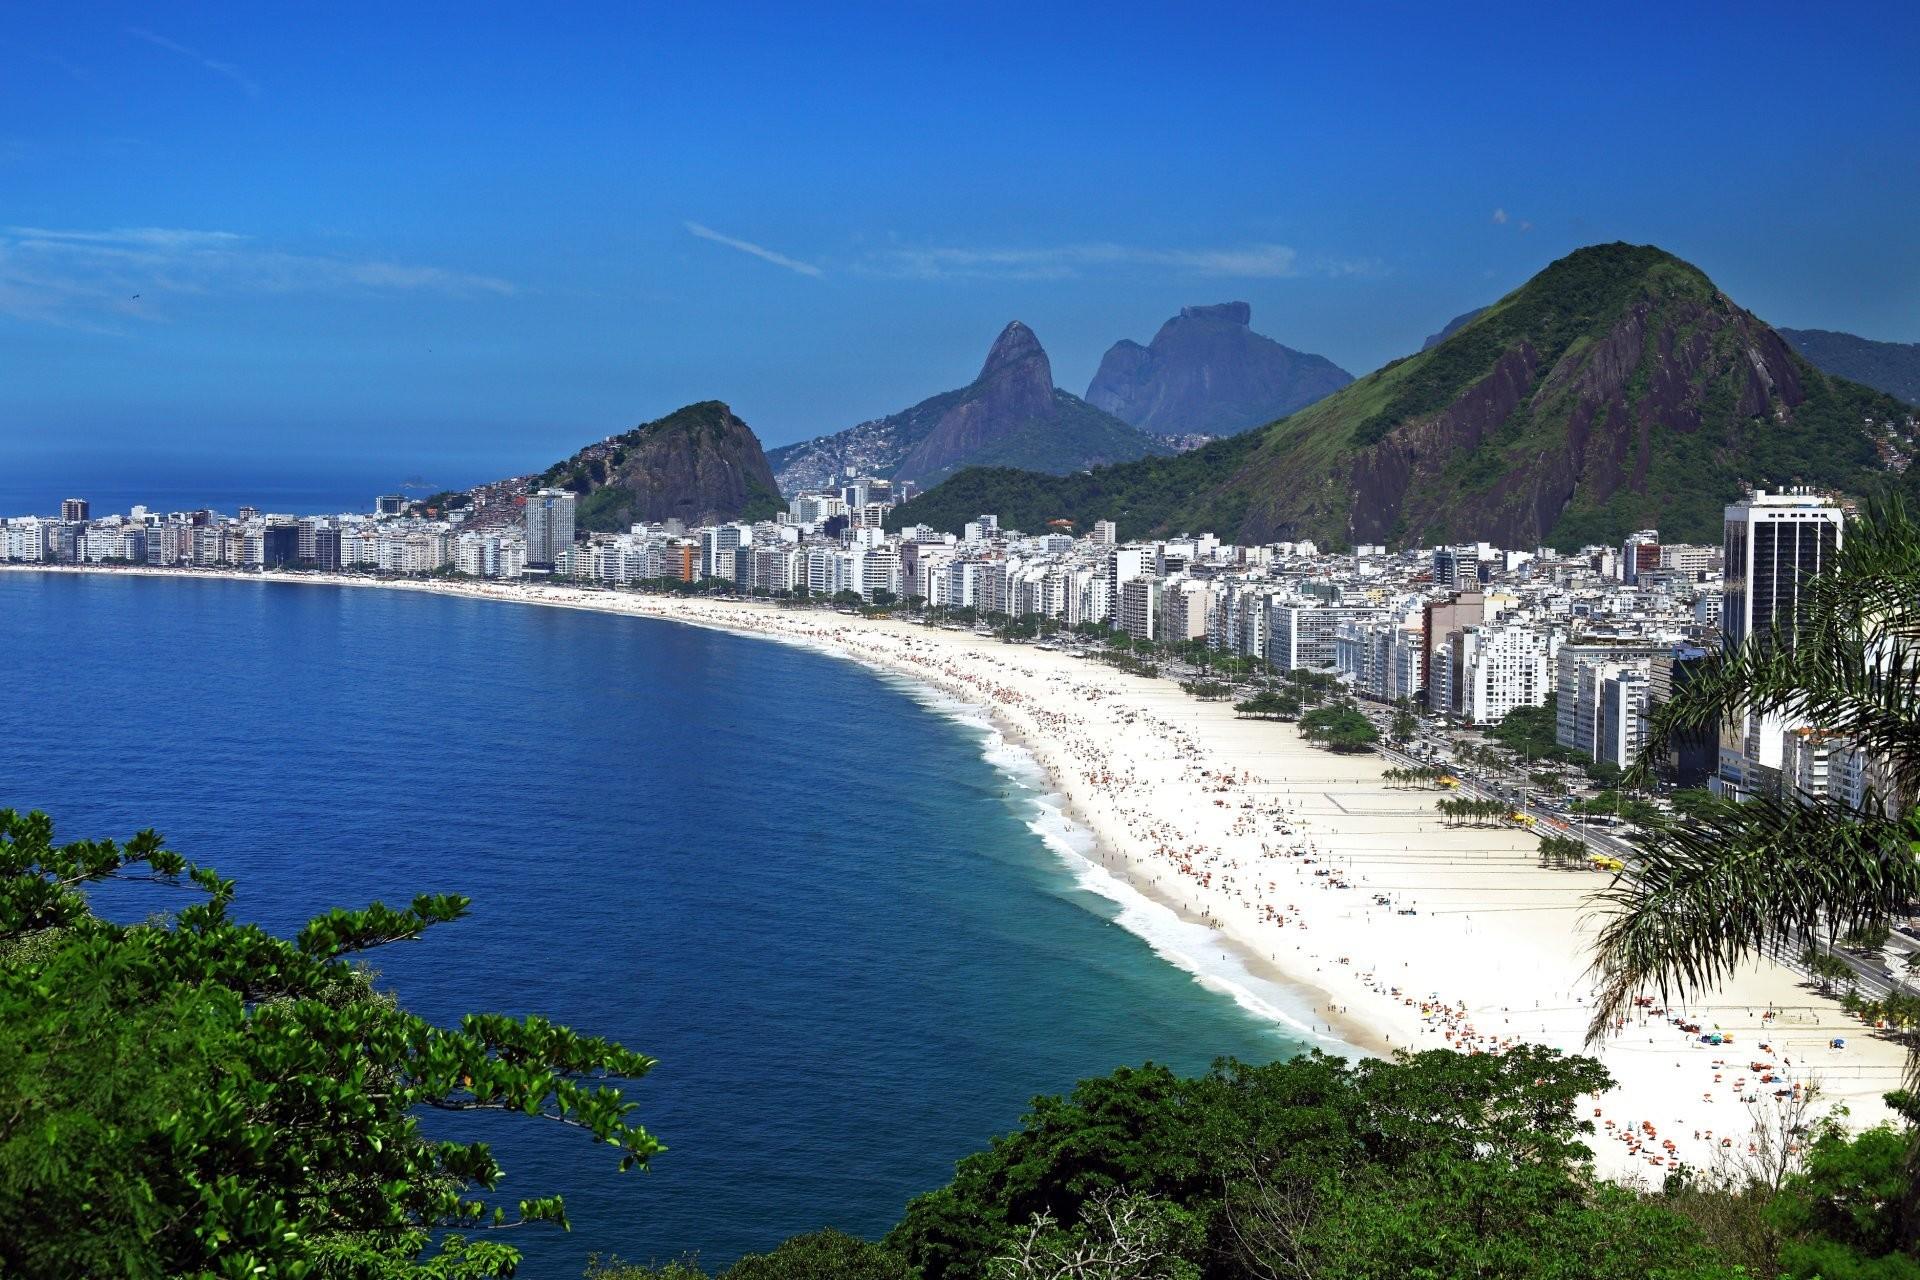 brazil rio de janeiro rio de janeiro beach sea house coast mountain sky  blue panorama top